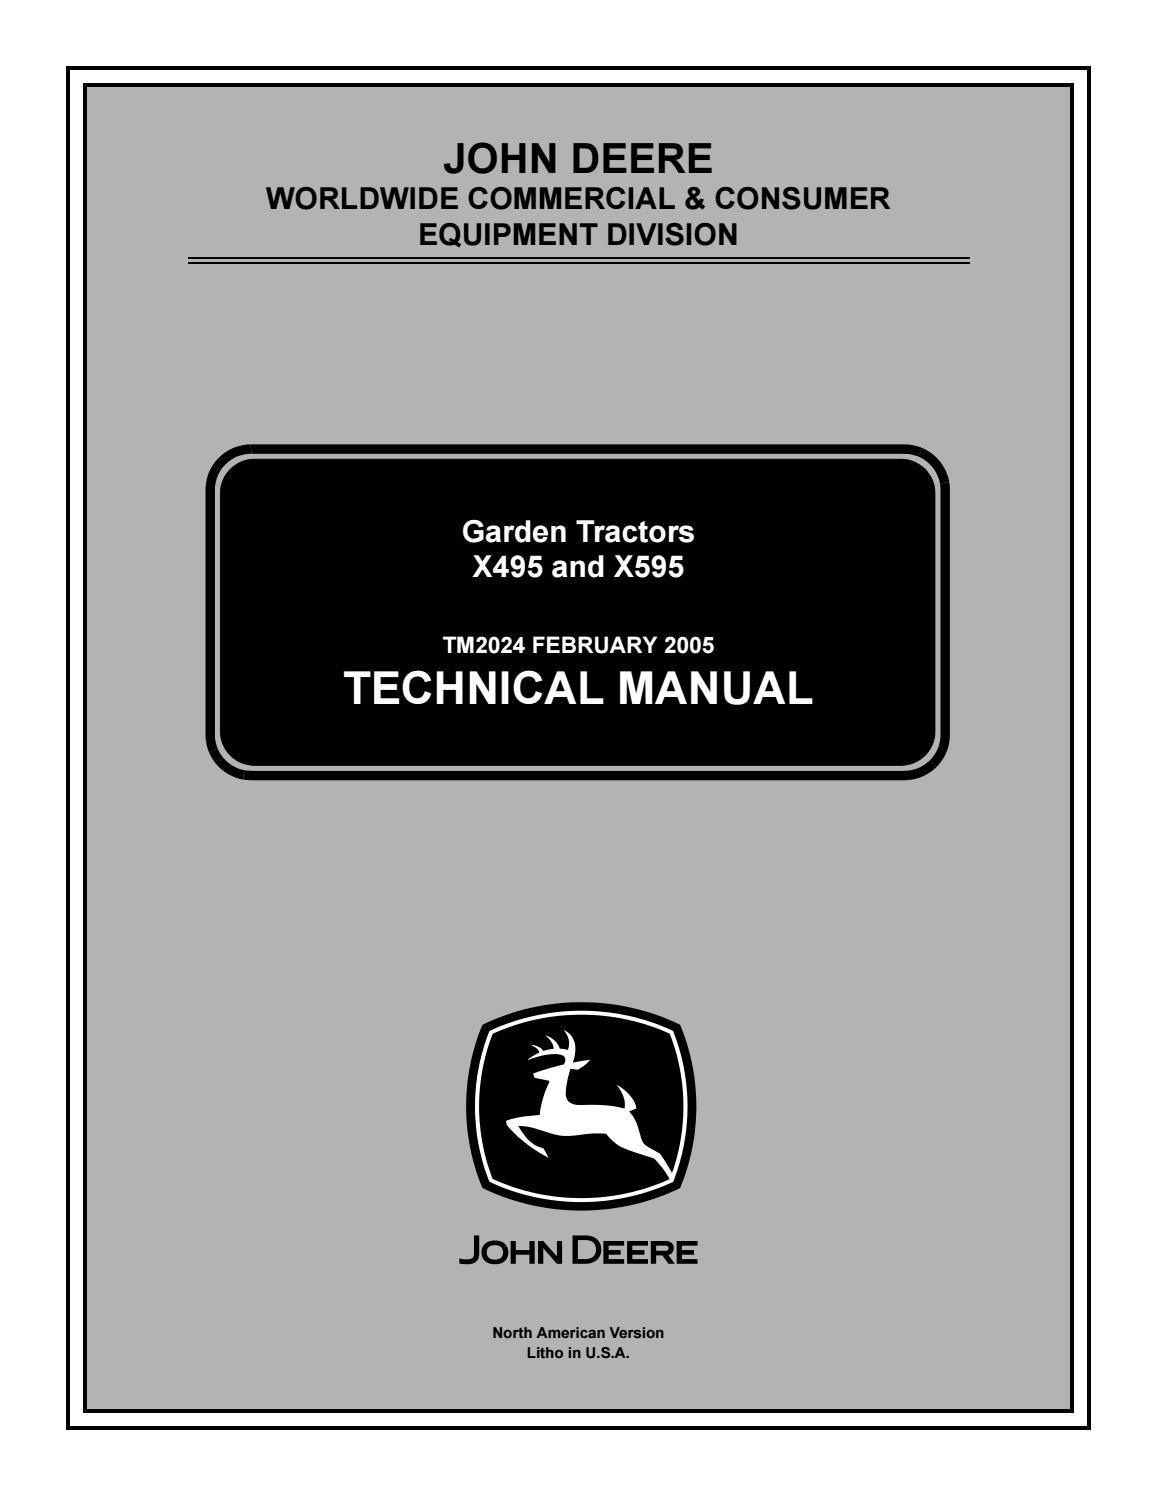 John deere x495 4wd lawn & garden tractor service repair